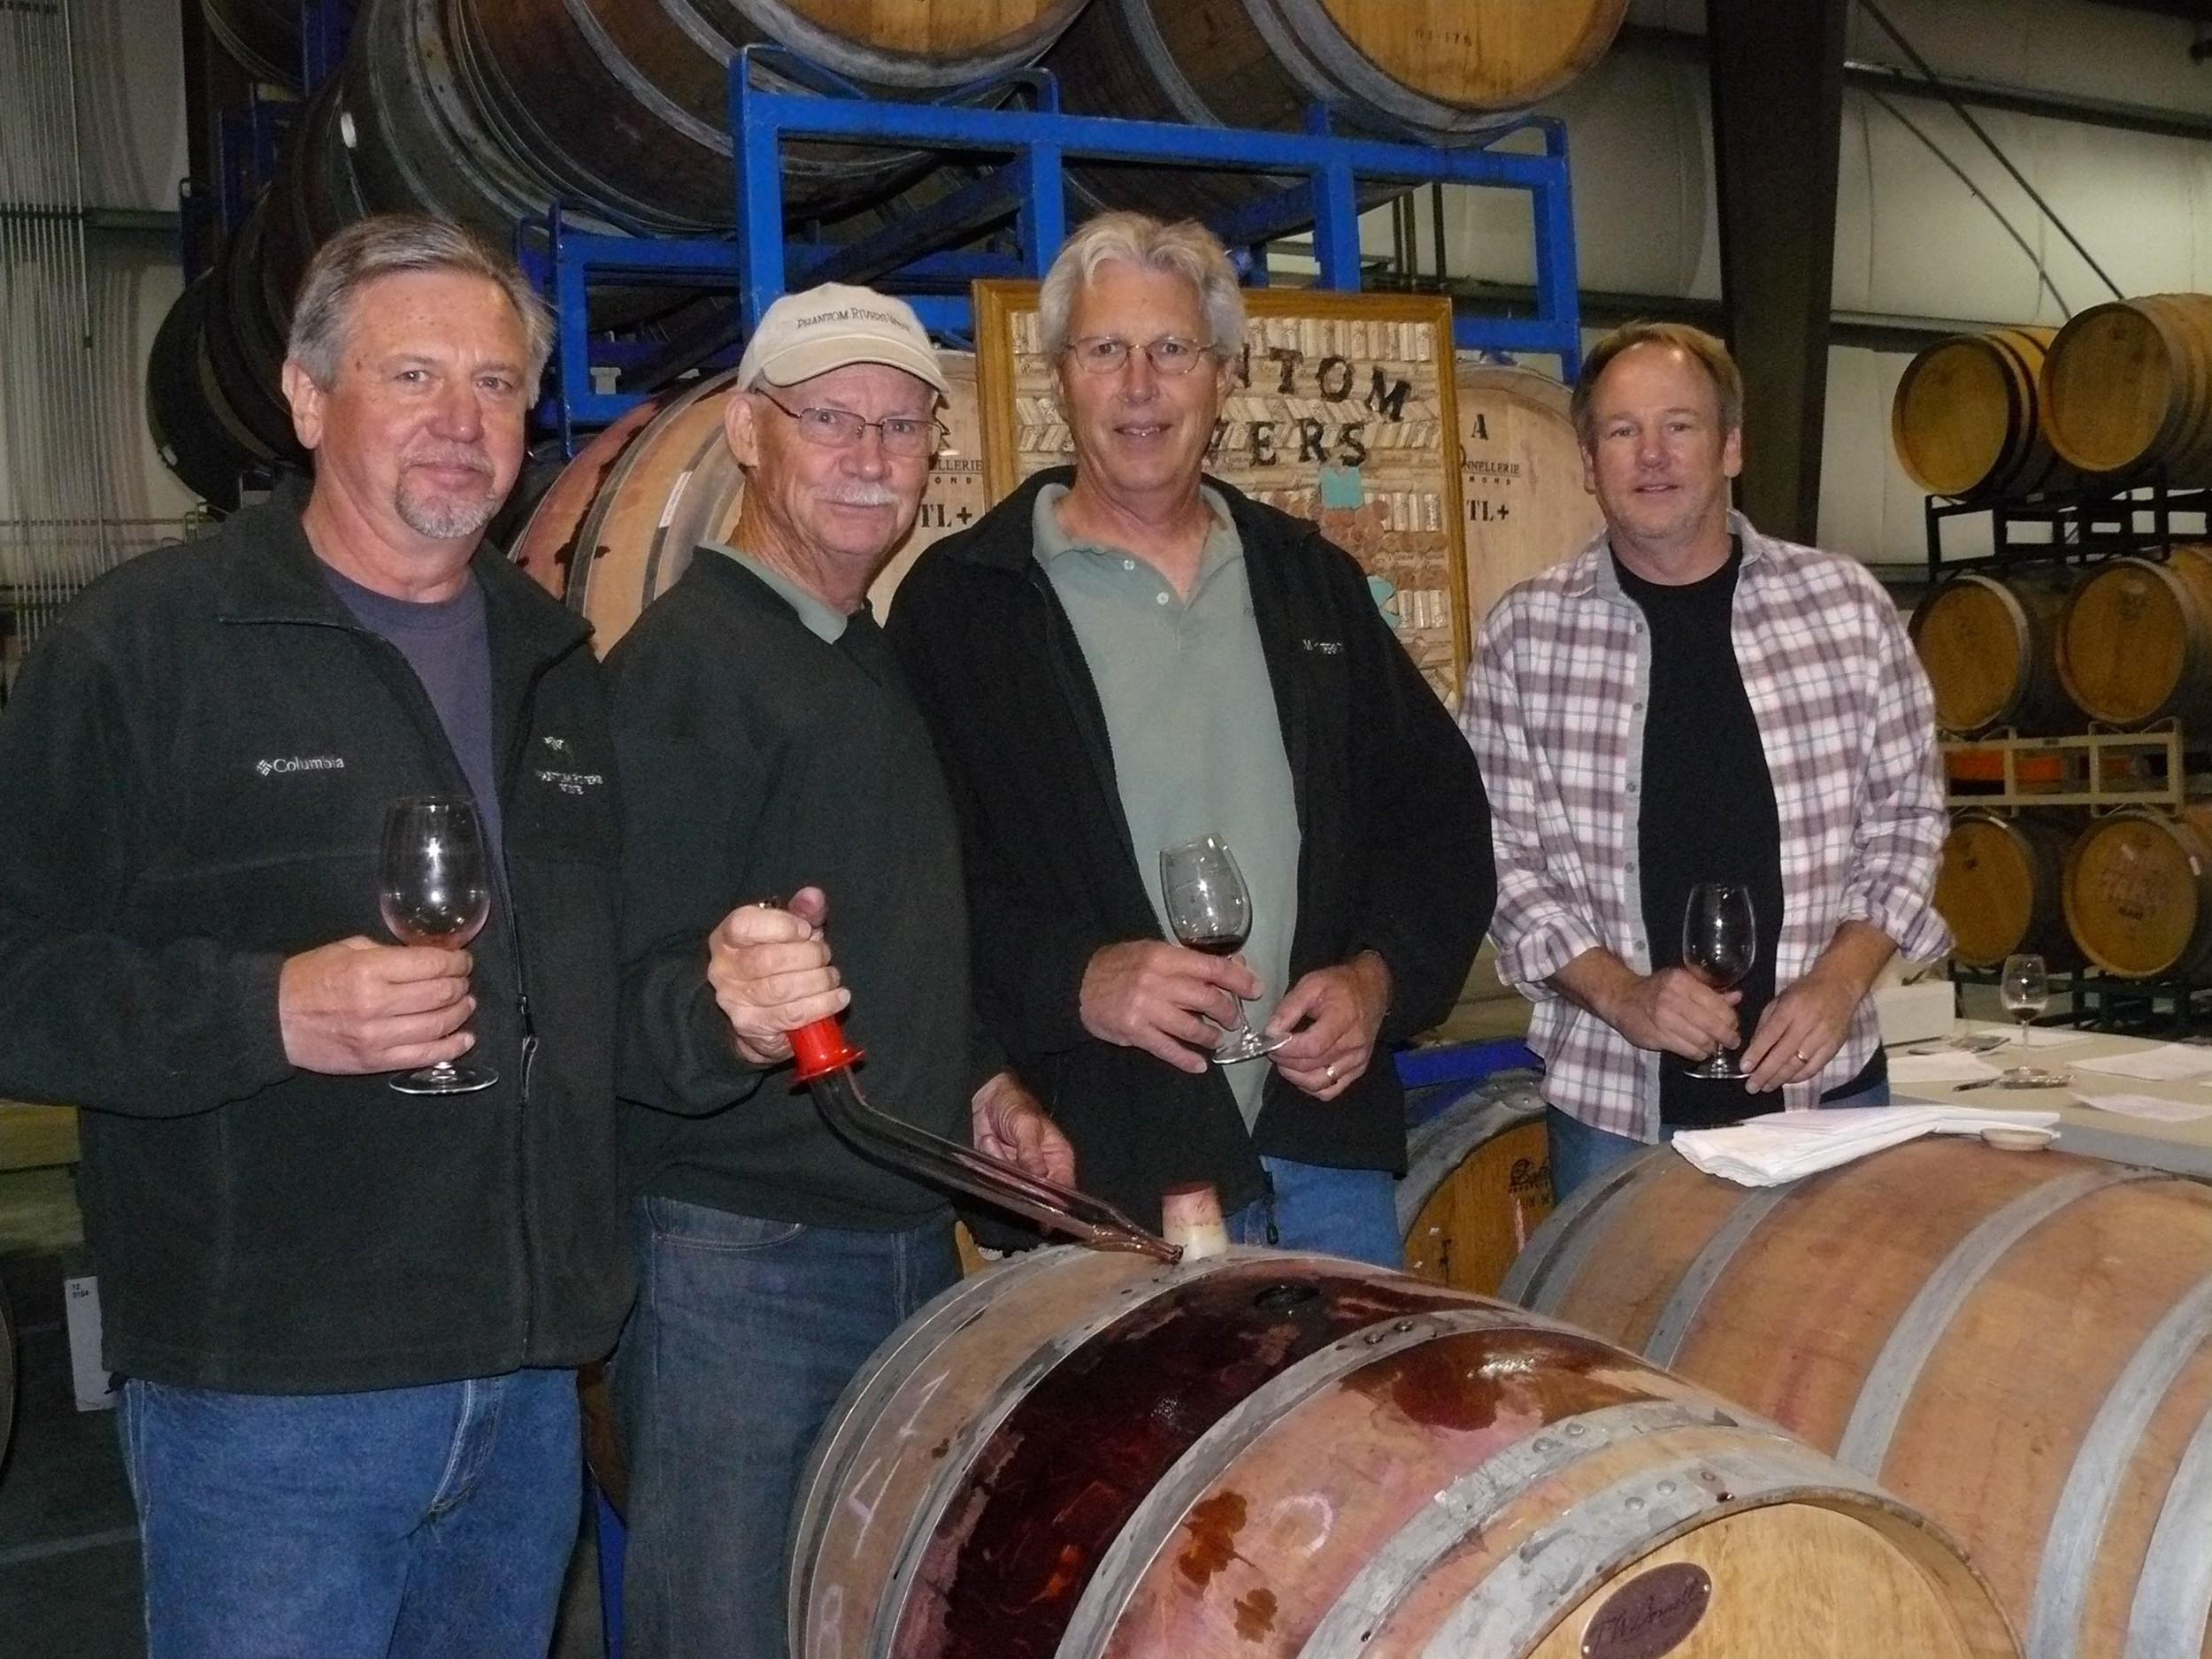 (L-R) Phantom Rivers Owners:Steve Mathis, John Thunen, Gary Smith, John Klacking